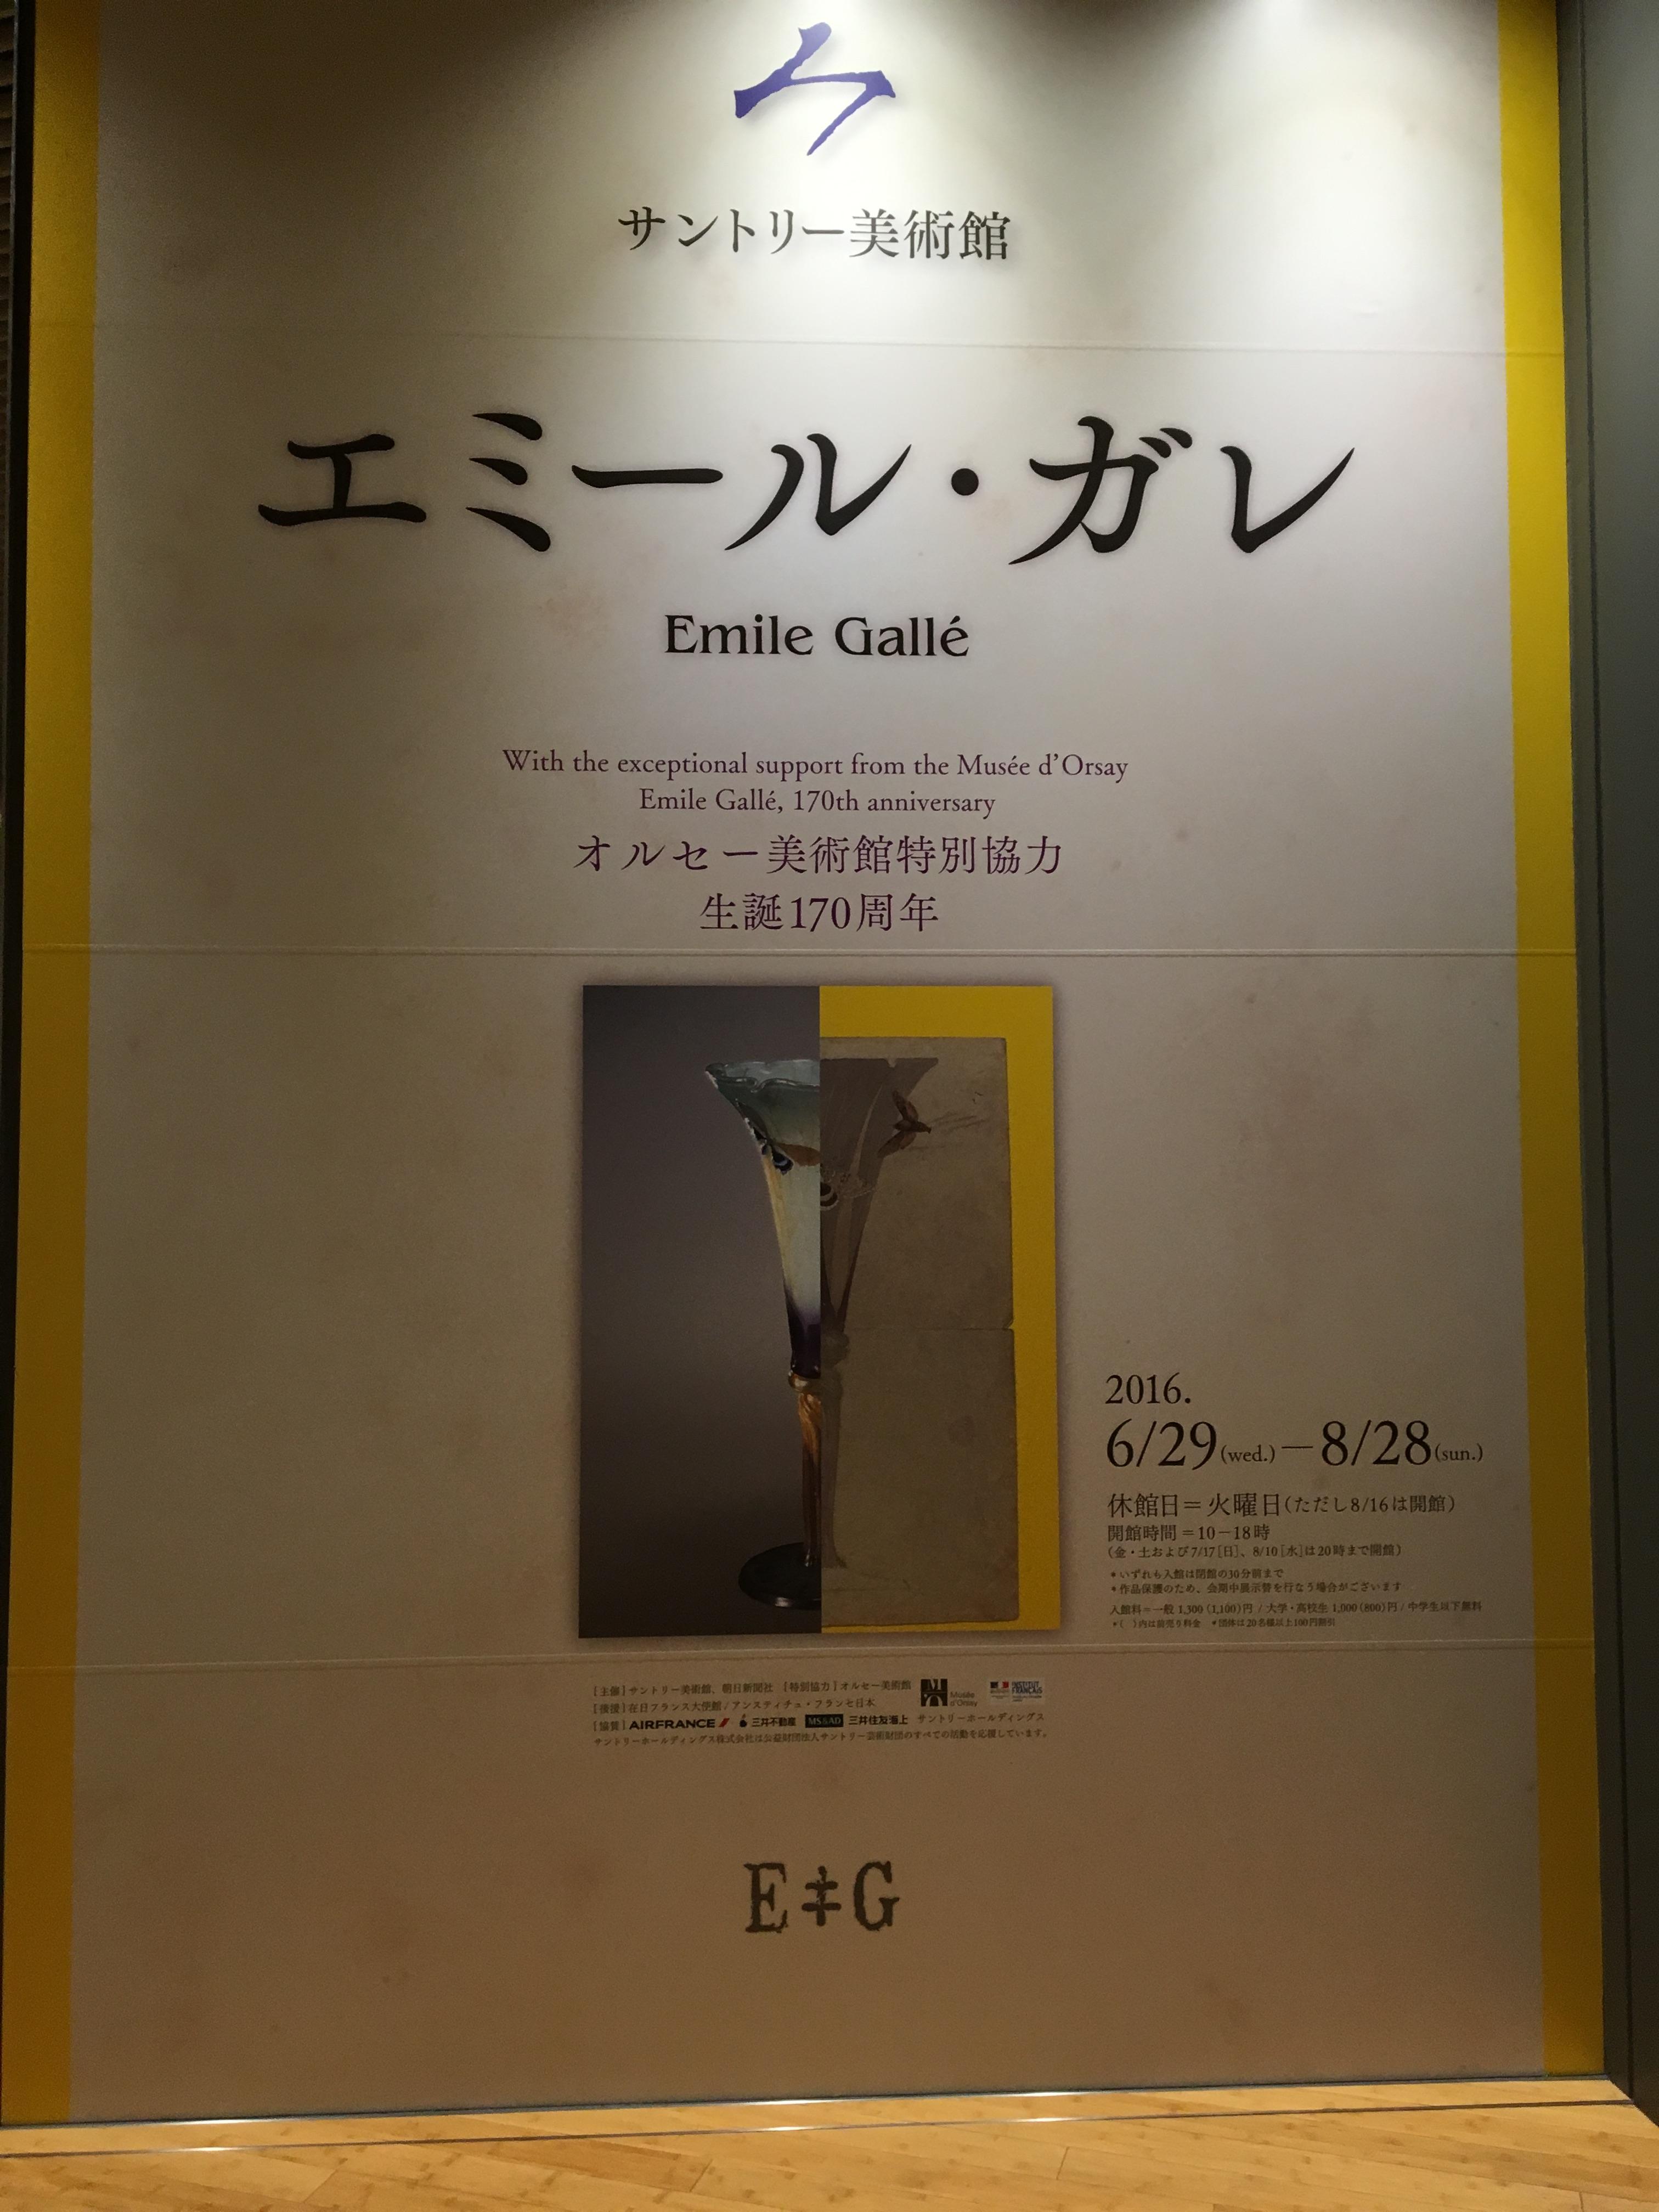 サントリー美術館 「エミール ガレ展」 ・ 六本木